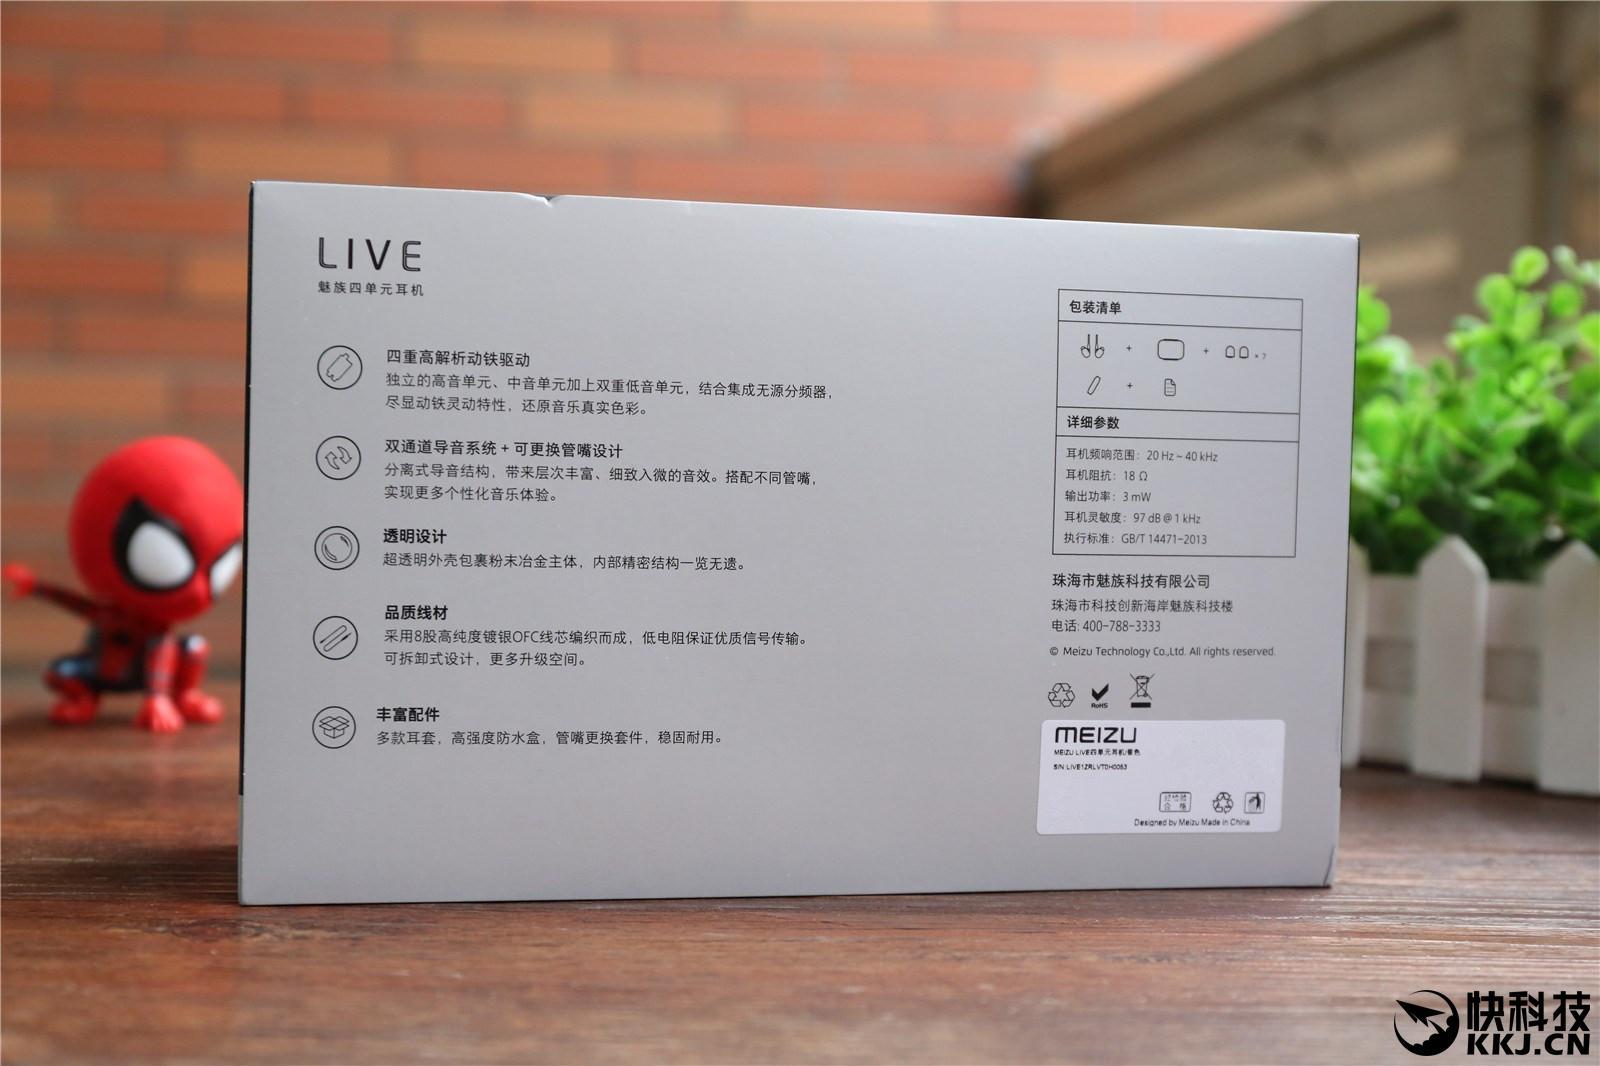 魅族live耳机评测 完全对得起1299的价格